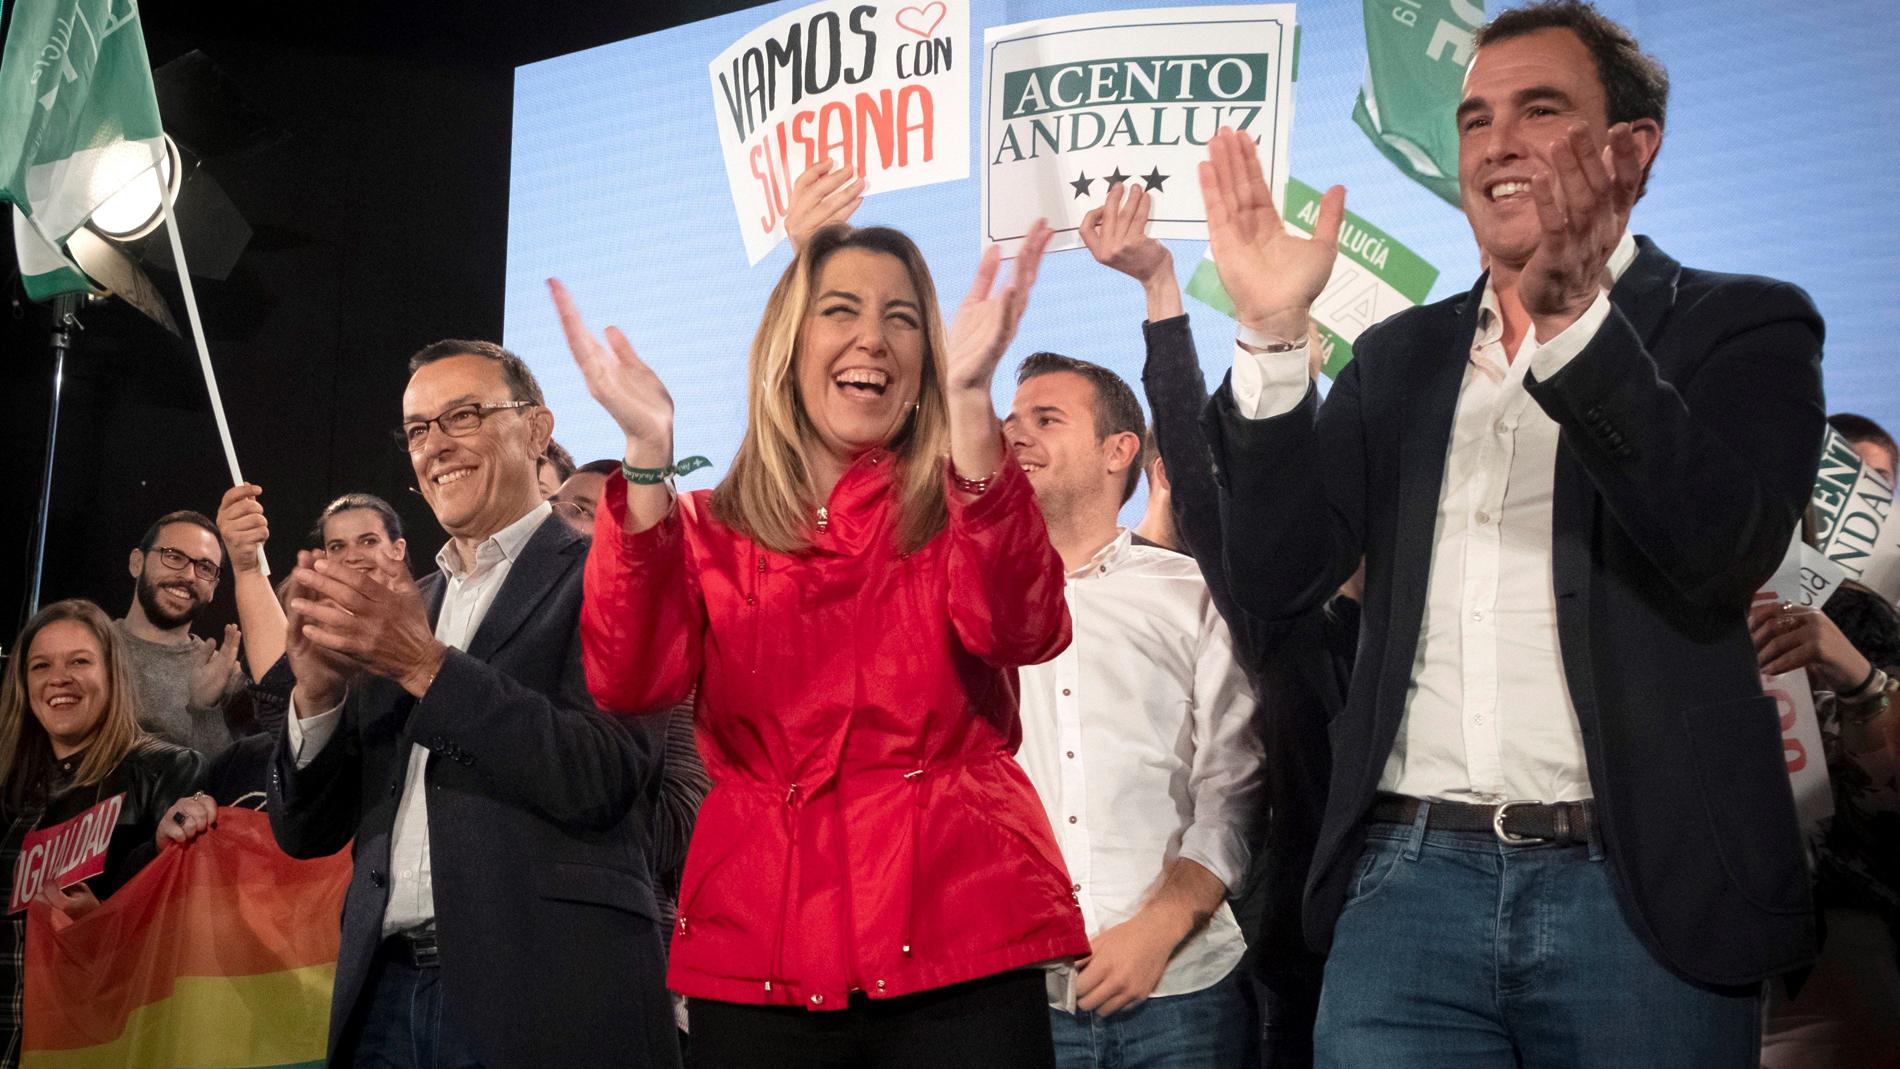 Los candidatos retoman la campaña tras el debate a cuatro con promesas y críticas a otros partidos